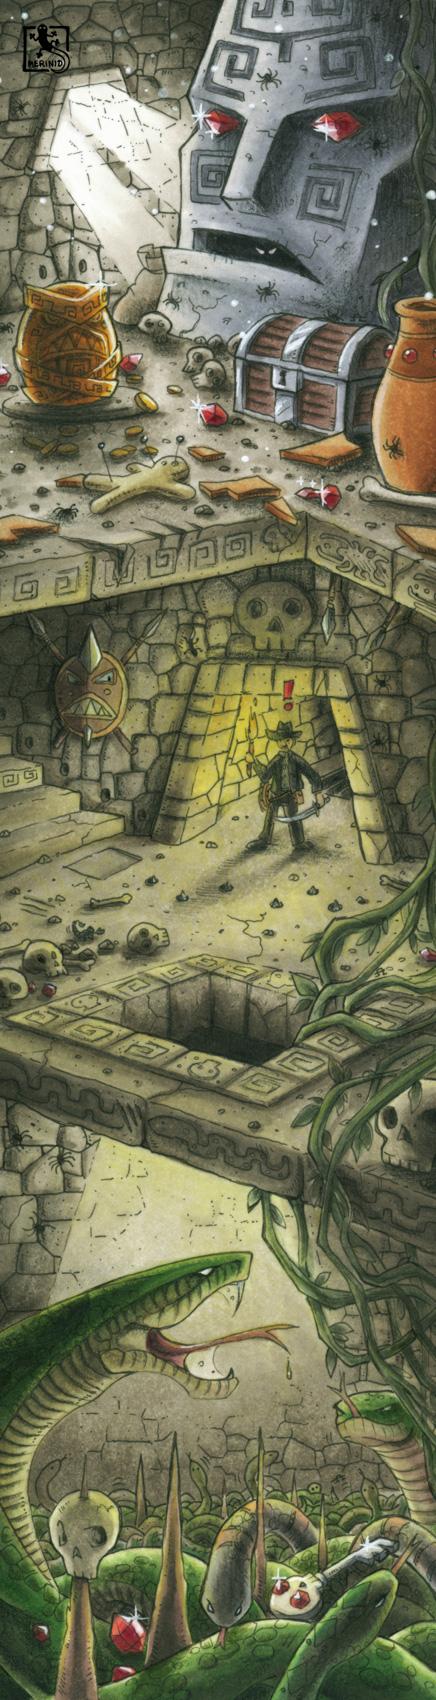 Die fallenbespickte Tempelruine